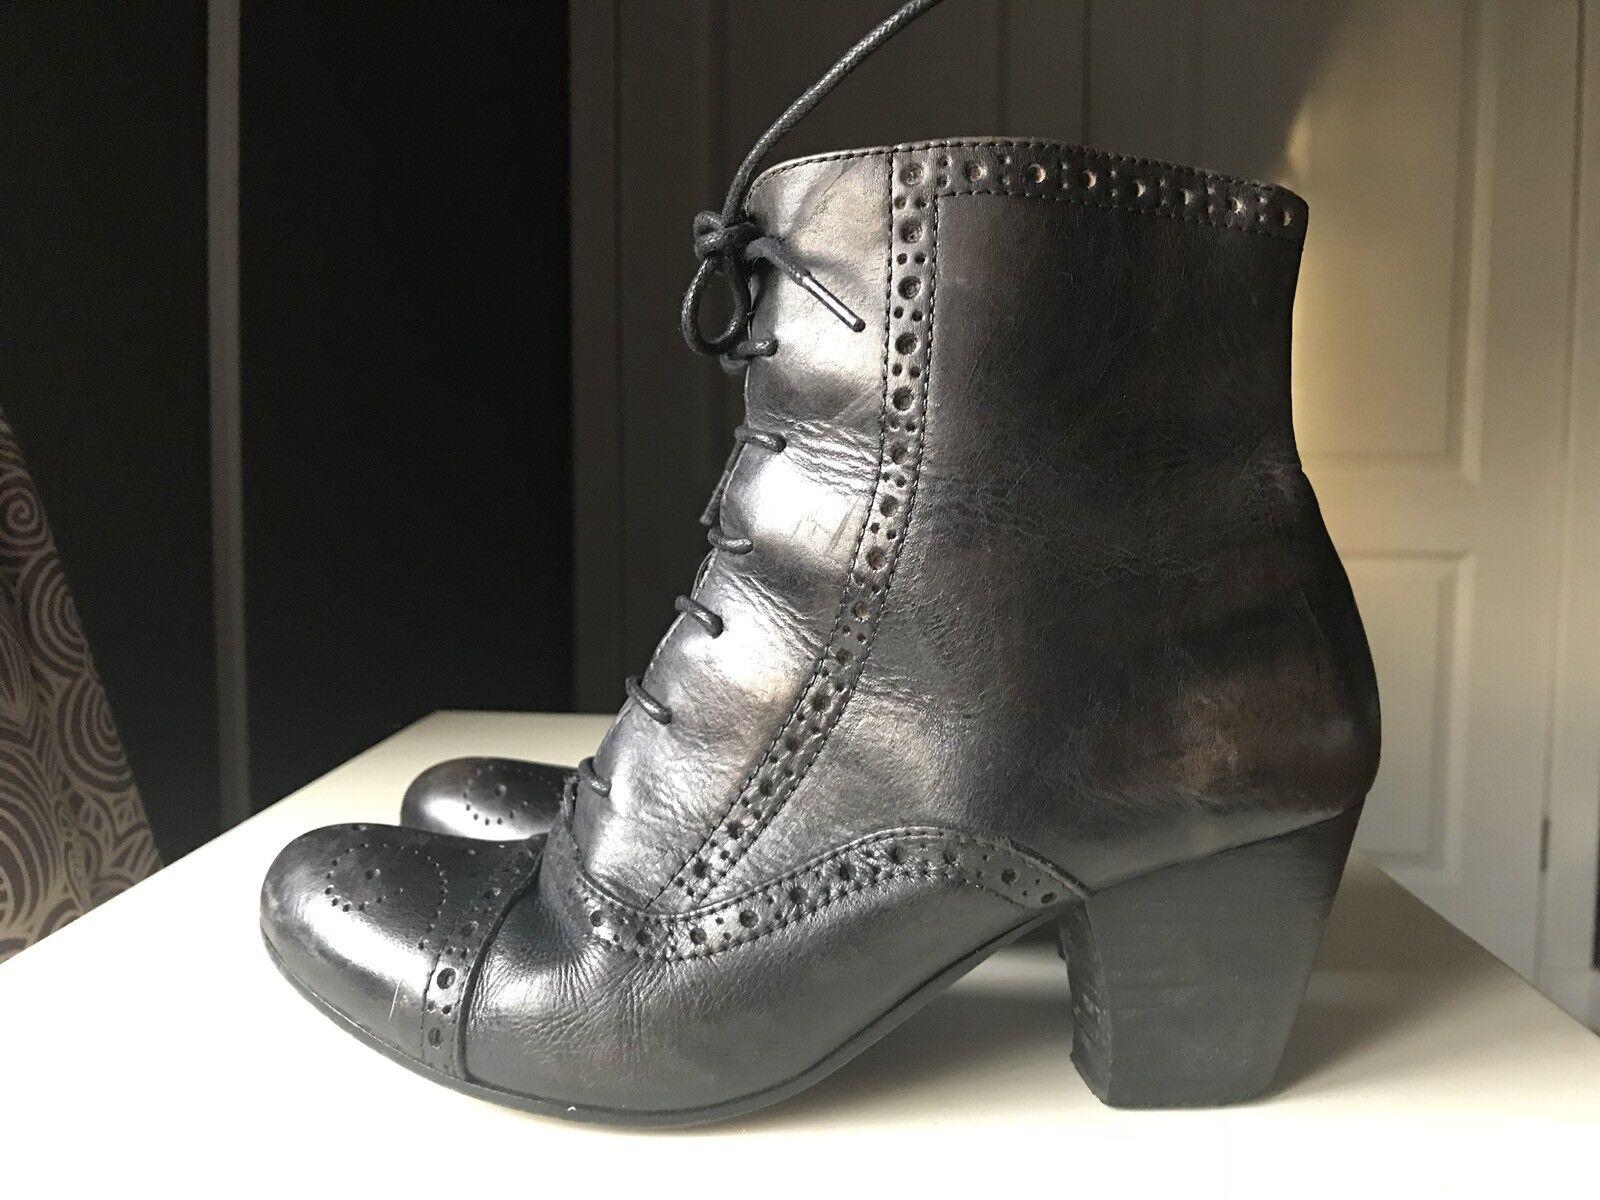 Bertie Damas Mujeres Diseñador Tobillo Botas De Tacón Alto Marrón Negro Cuero Tamaño 3 36